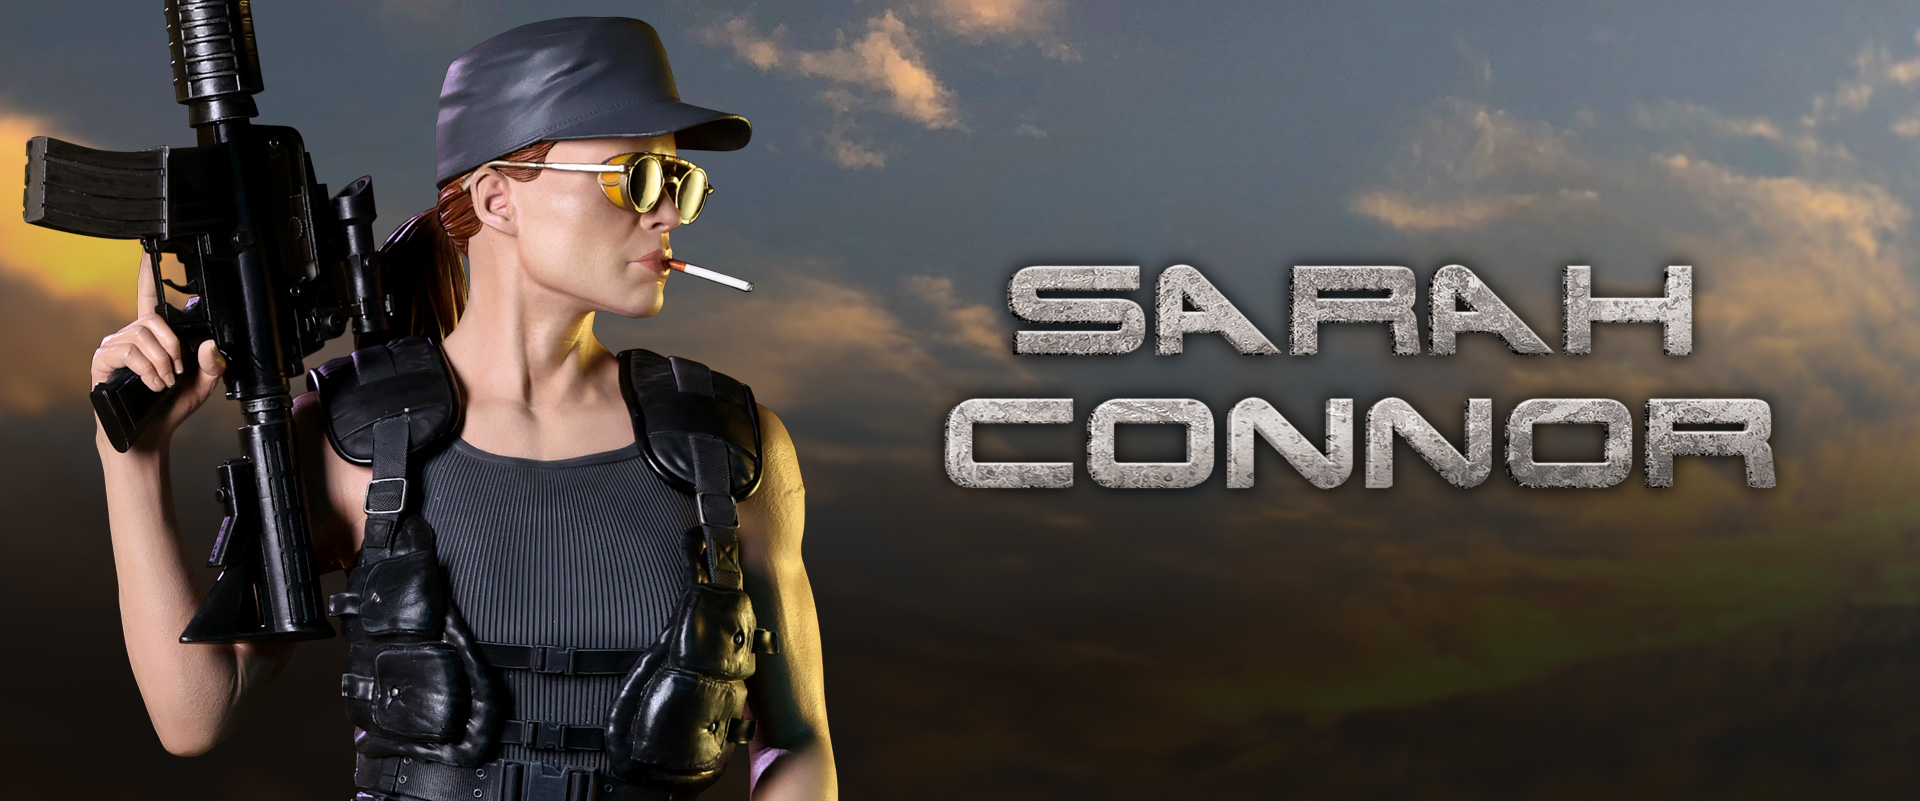 Sarah Connor Exclusive